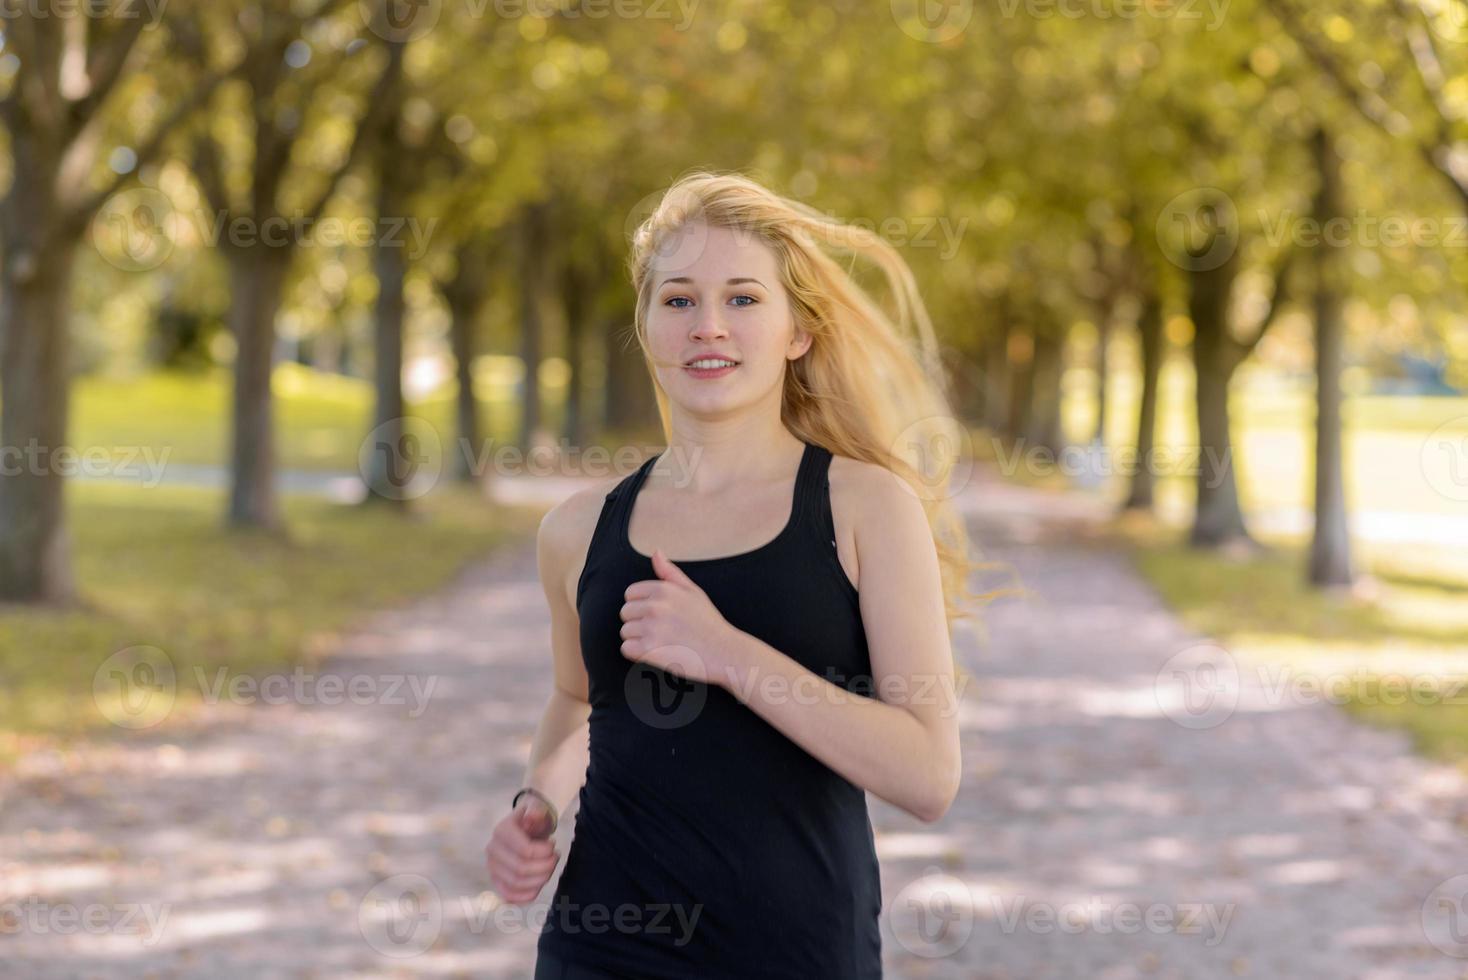 jeune femme blonde jogging sur un chemin avec de grands arbres photo